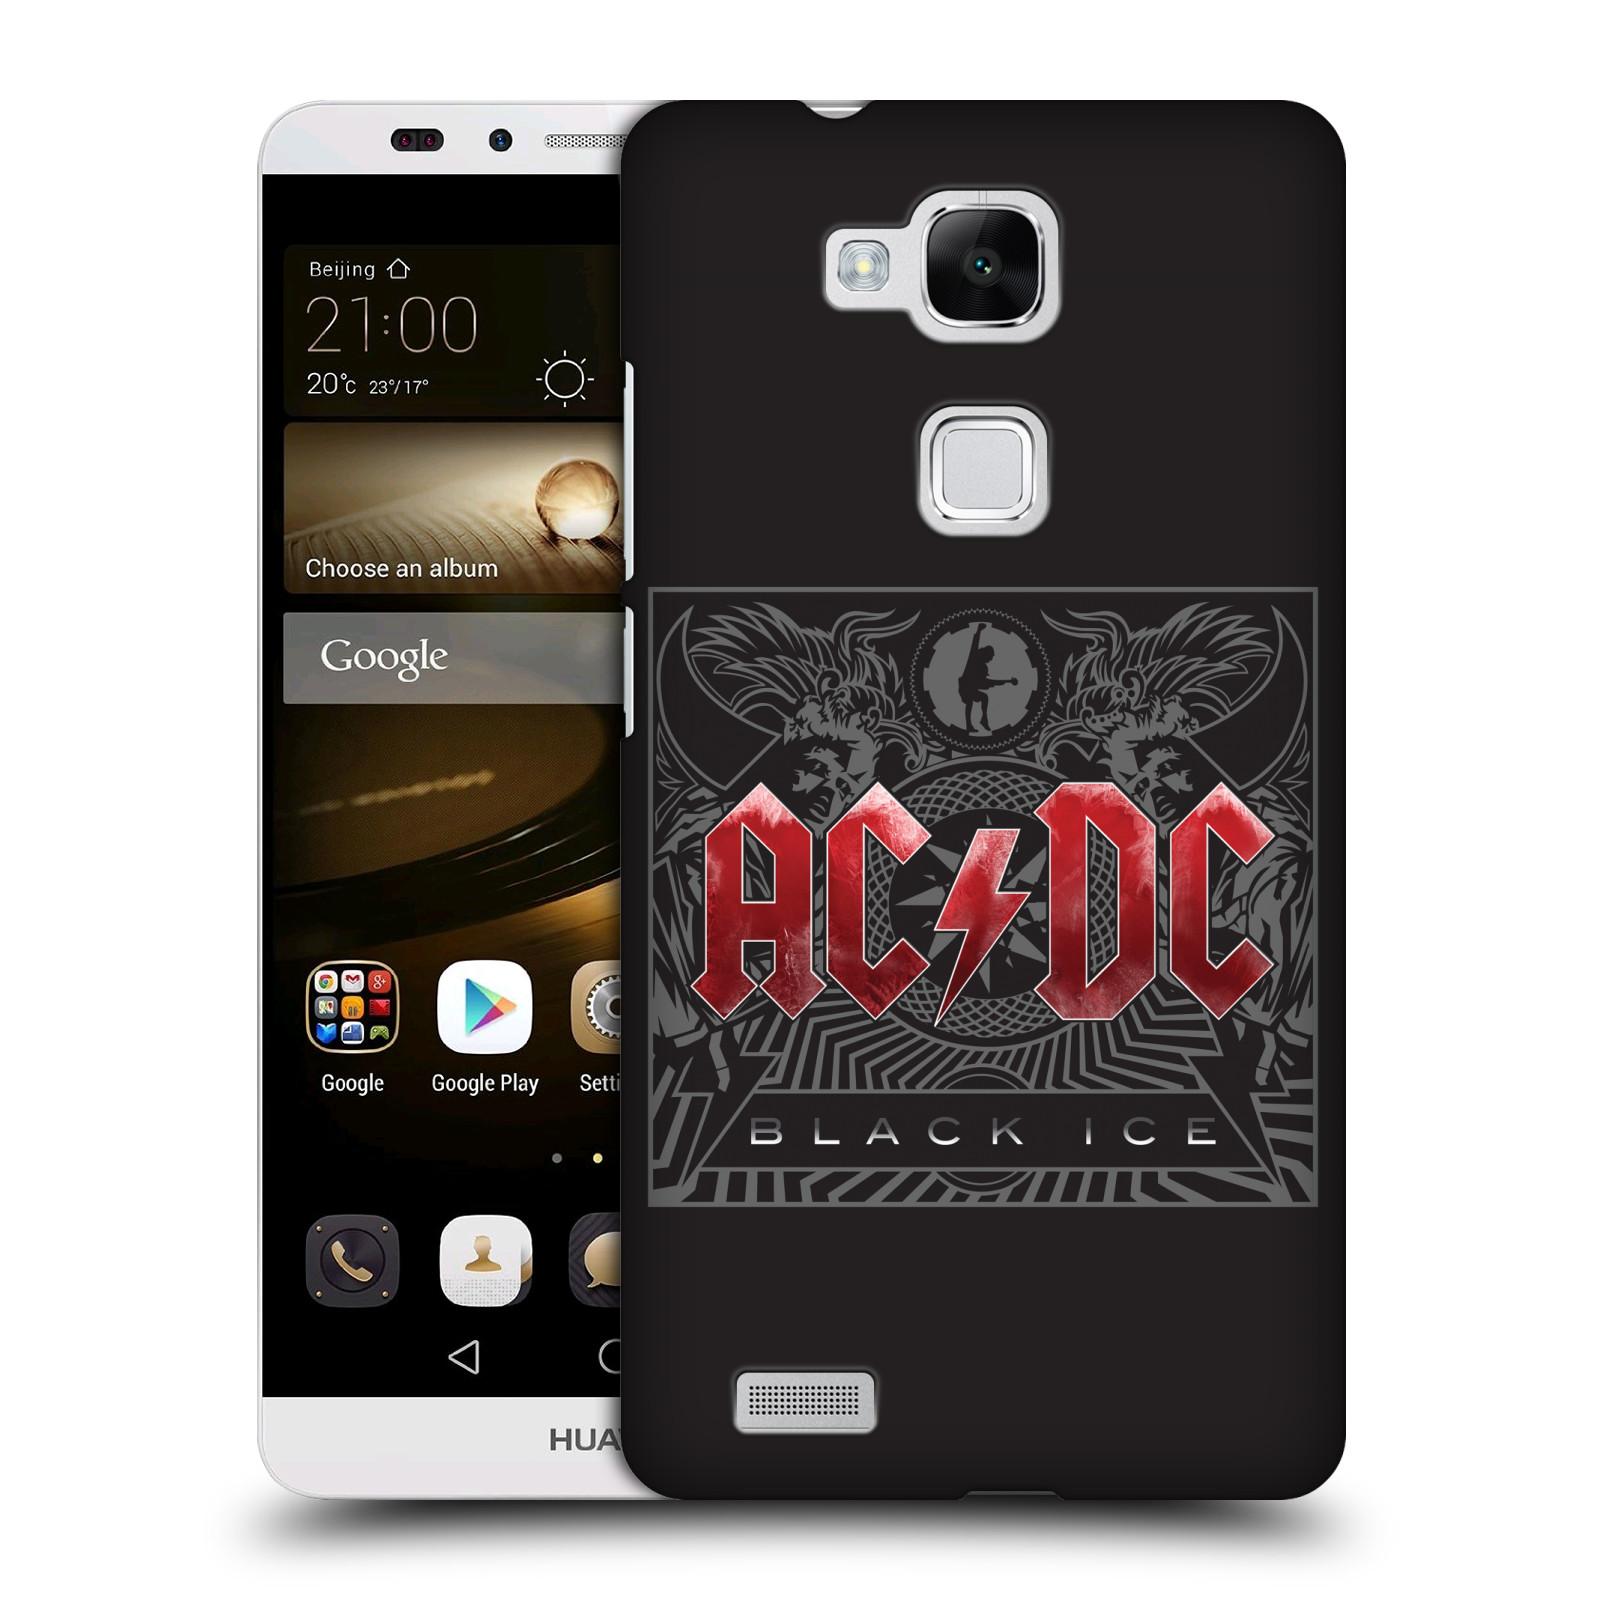 Plastové pouzdro na mobil Huawei Ascend Mate 7 HEAD CASE AC/DC Black Ice (Plastový kryt či obal na mobilní telefon s oficiálním motivem australské skupiny AC/DC pro Huawei Ascend Mate7)